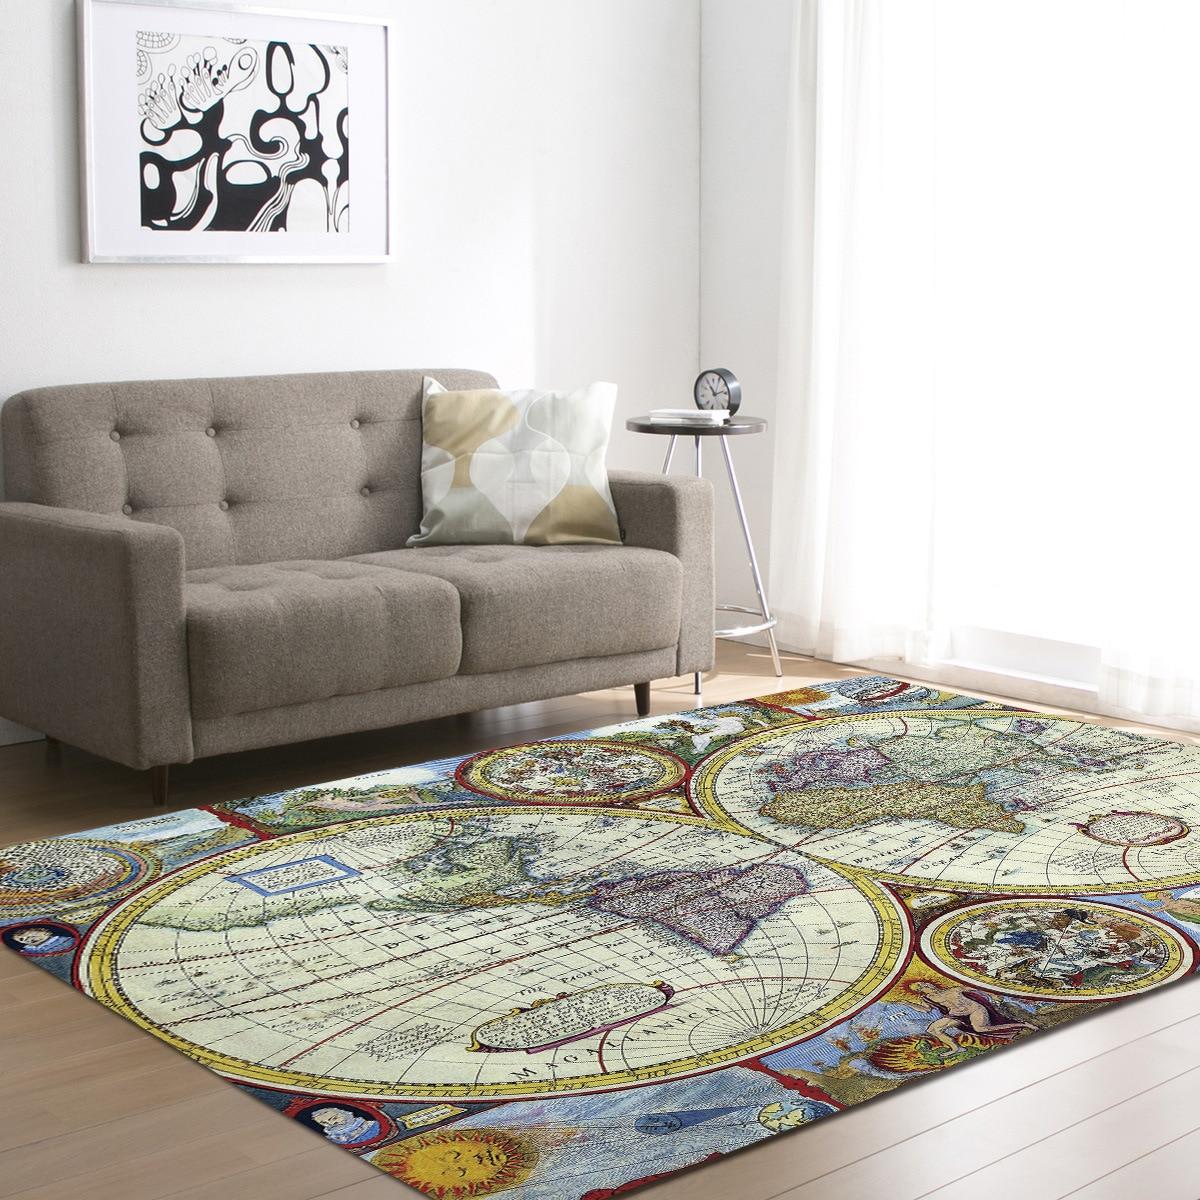 Zeegle World Map Floor Mat Carpets For Living Room Anti Slip Office